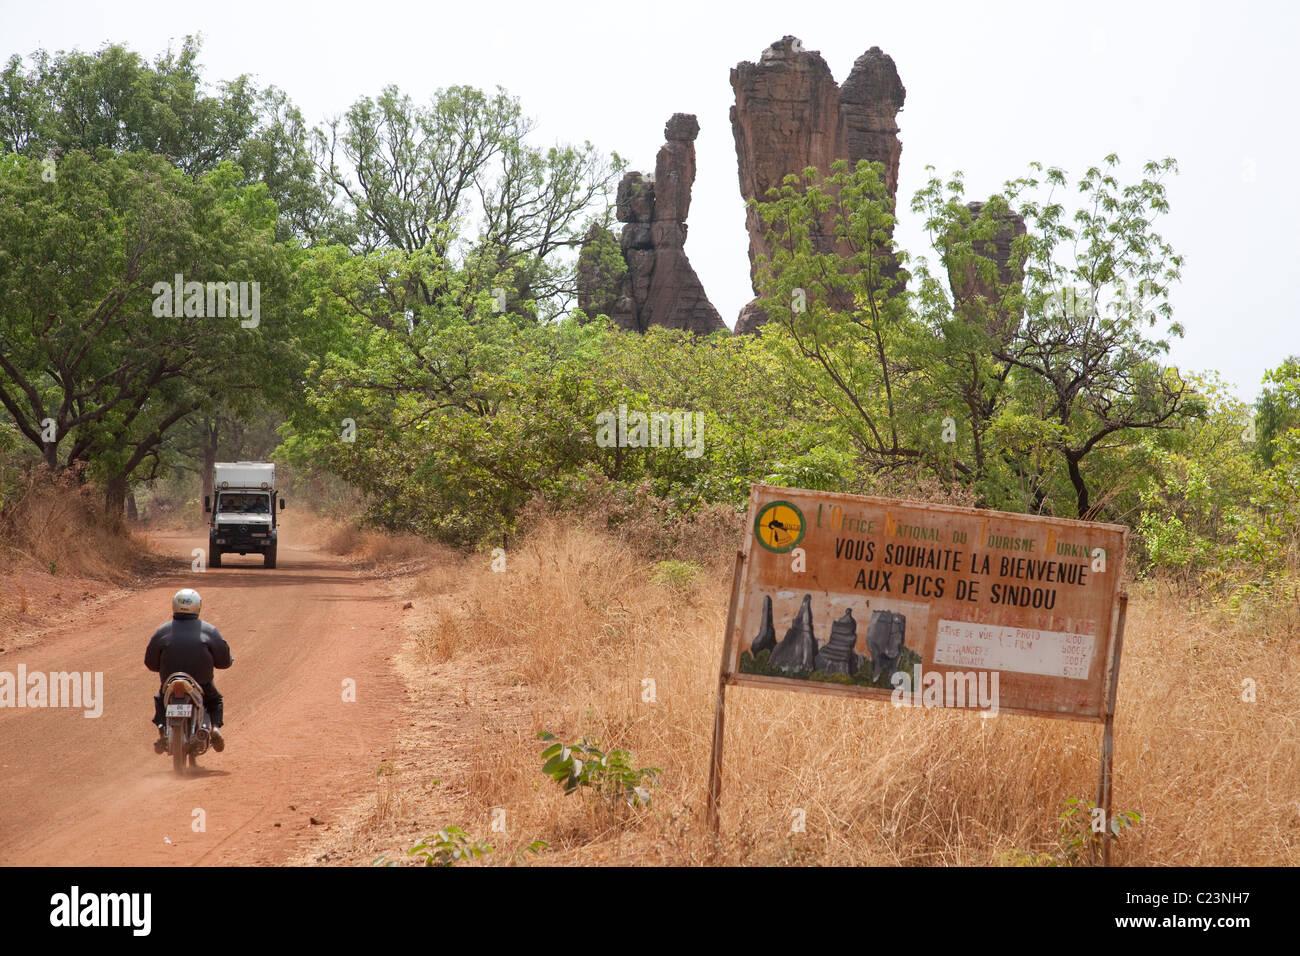 La signalisation routière pour les pics de Sindou sur la route entre Bobo Dioulasso et Banfora Photo Stock